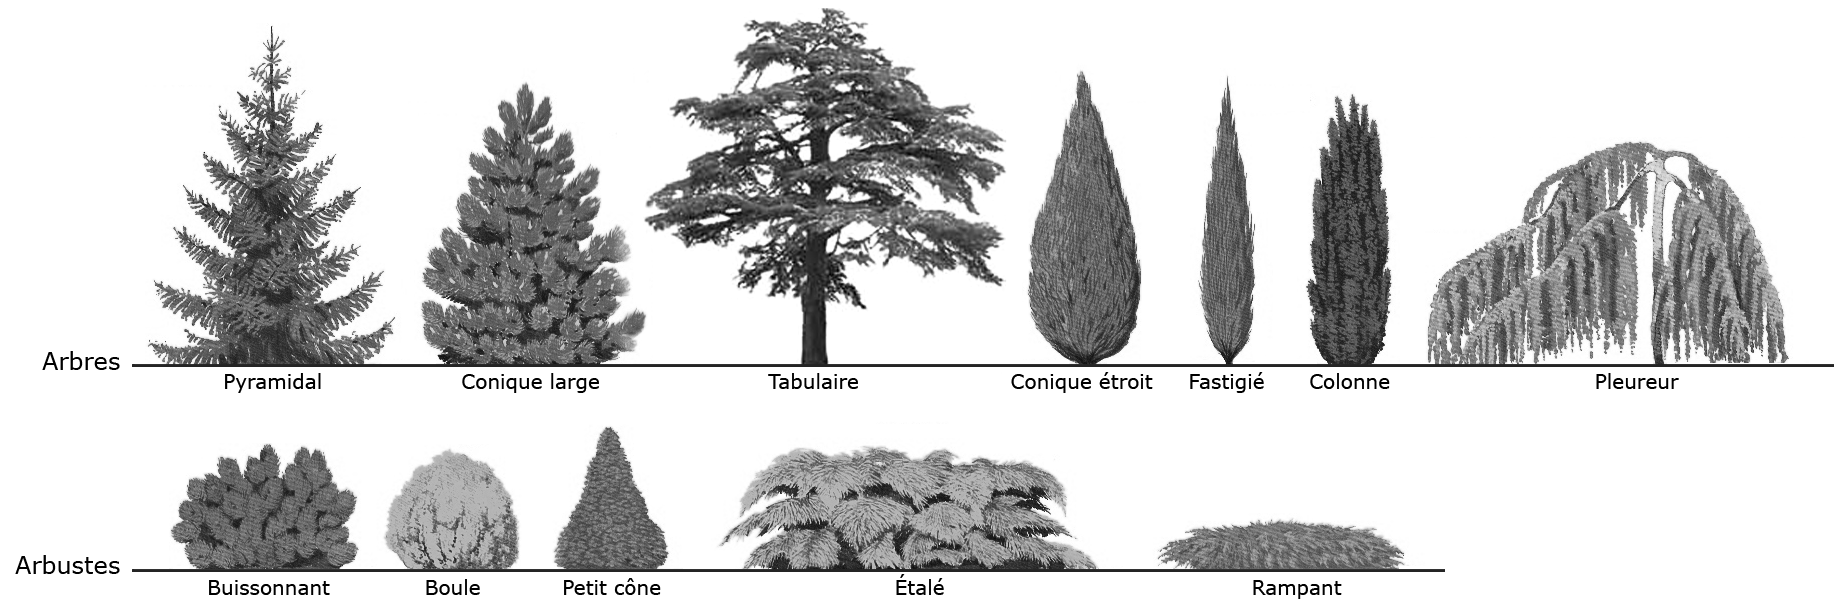 141012_formes_arbresB_02